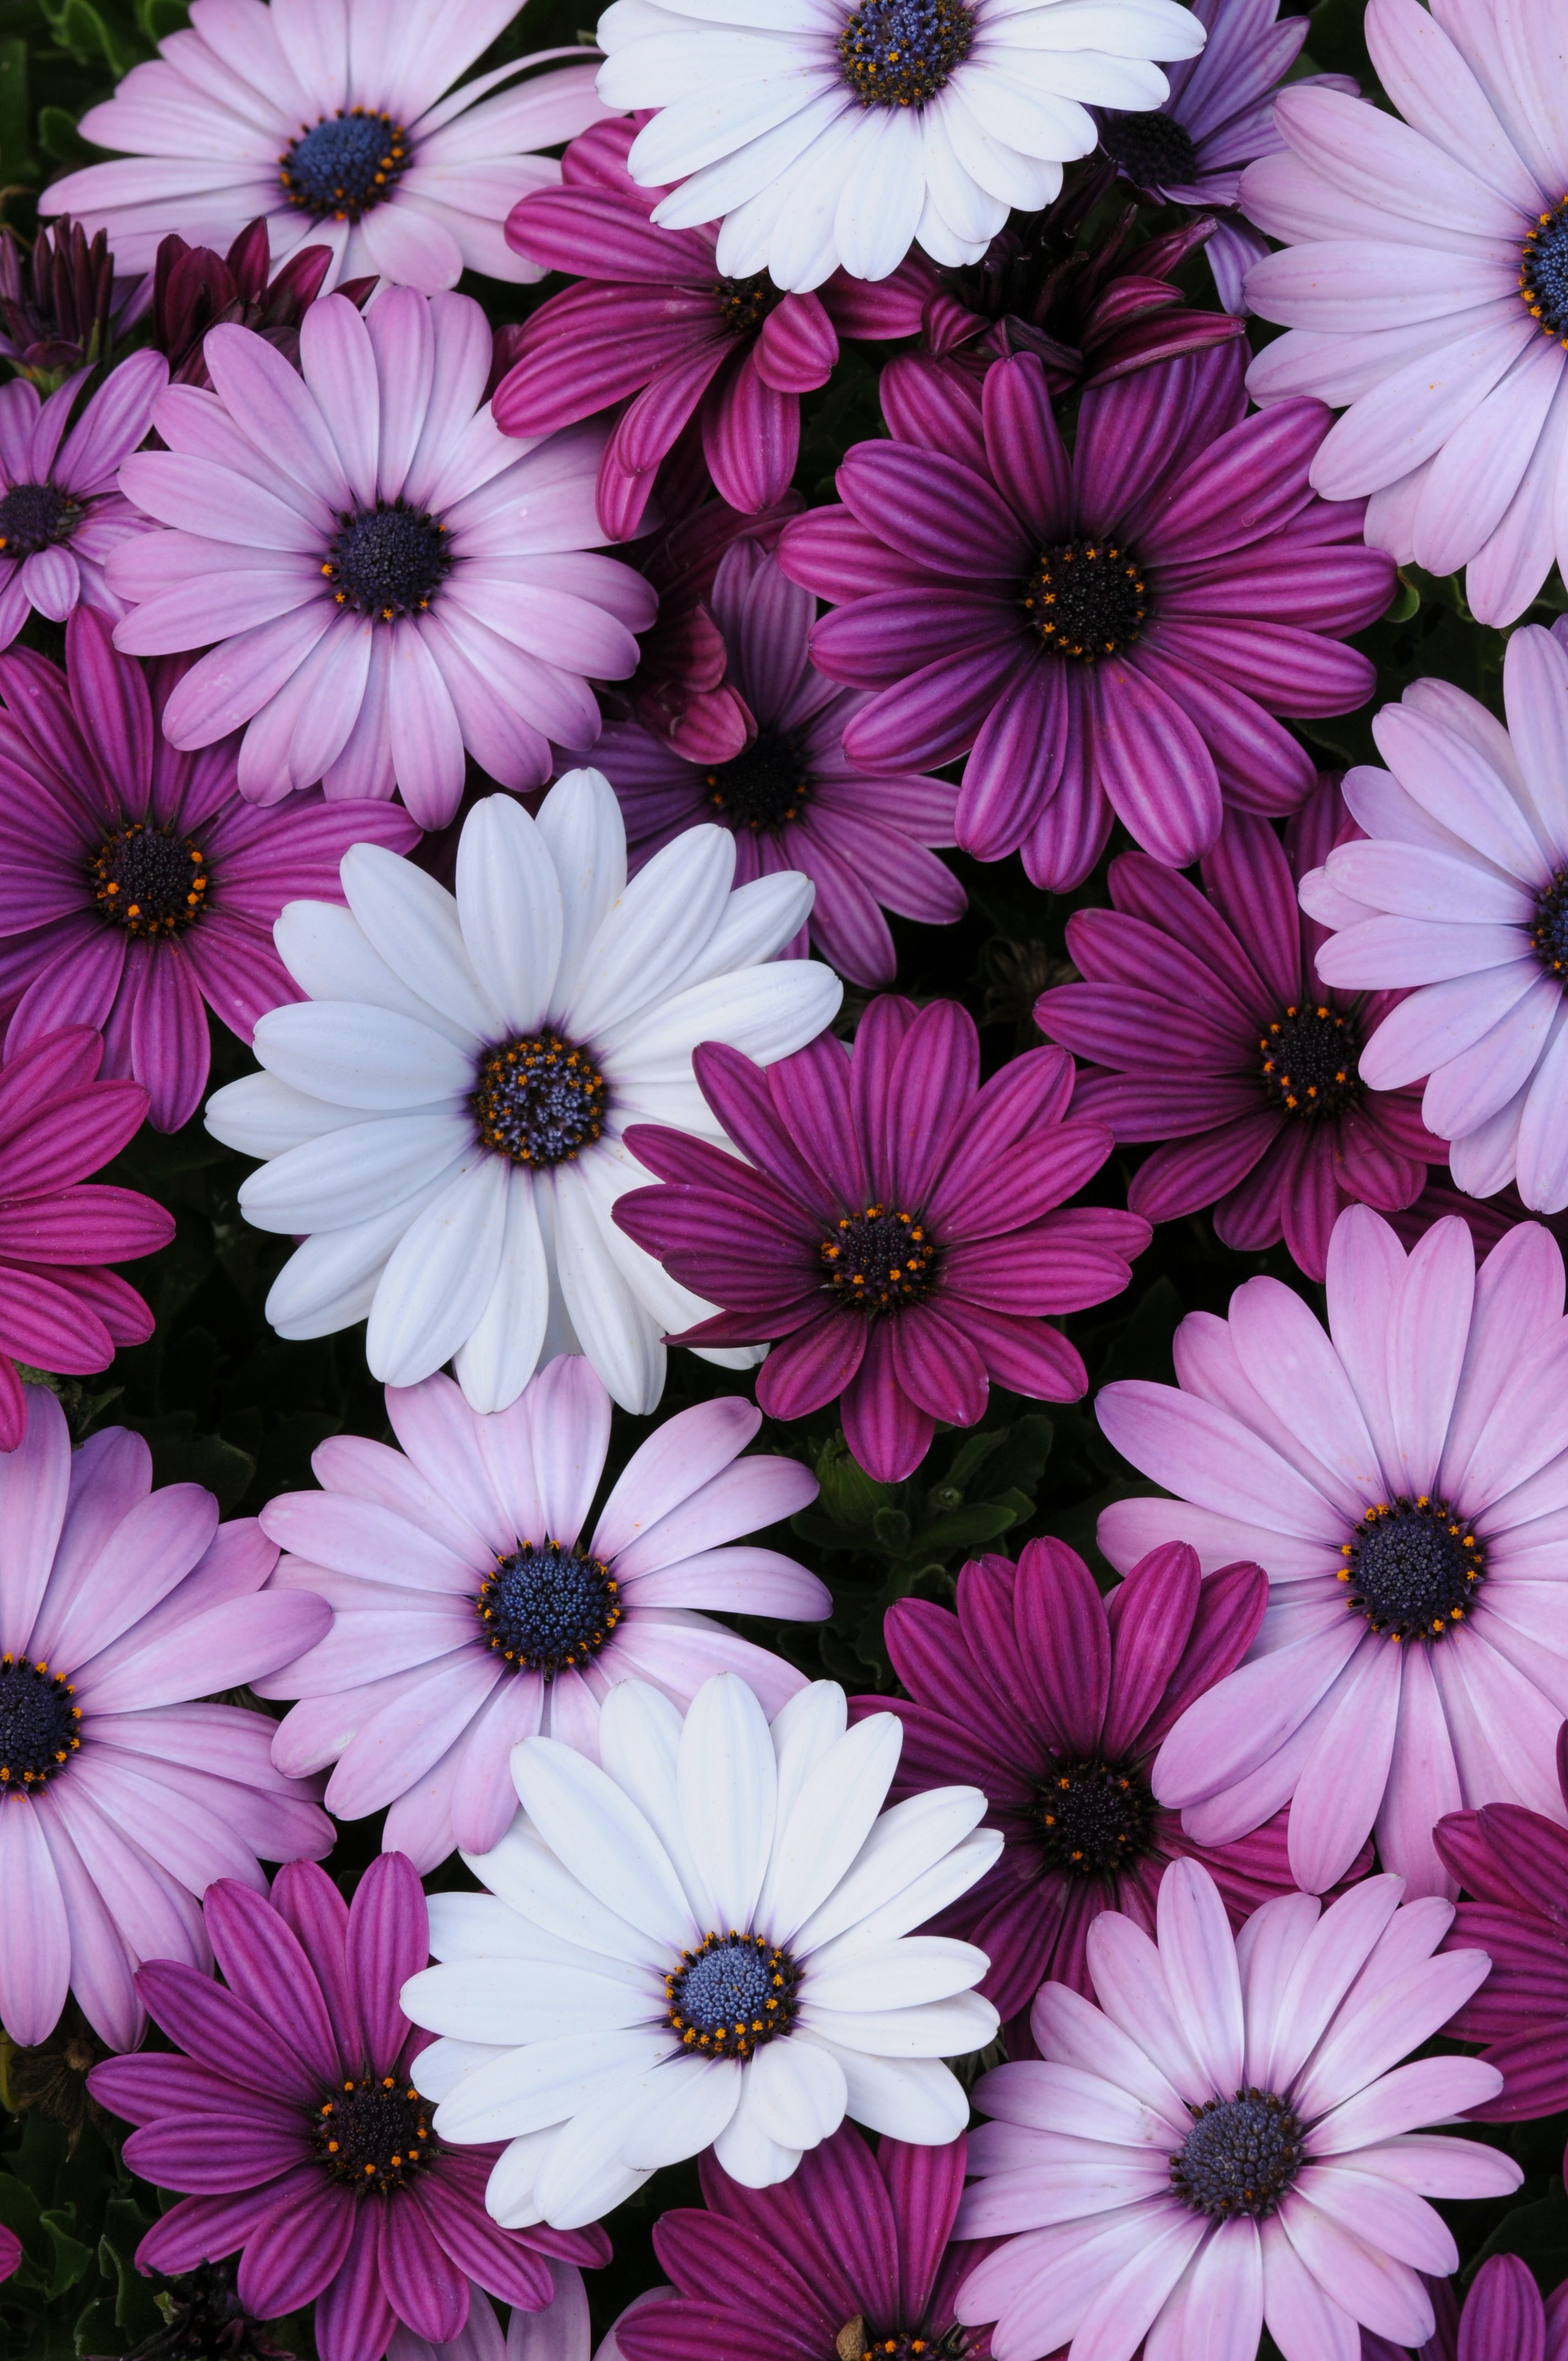 Flower Pictures Con Immagini Bellissimi Fiori Sfondi Floreali